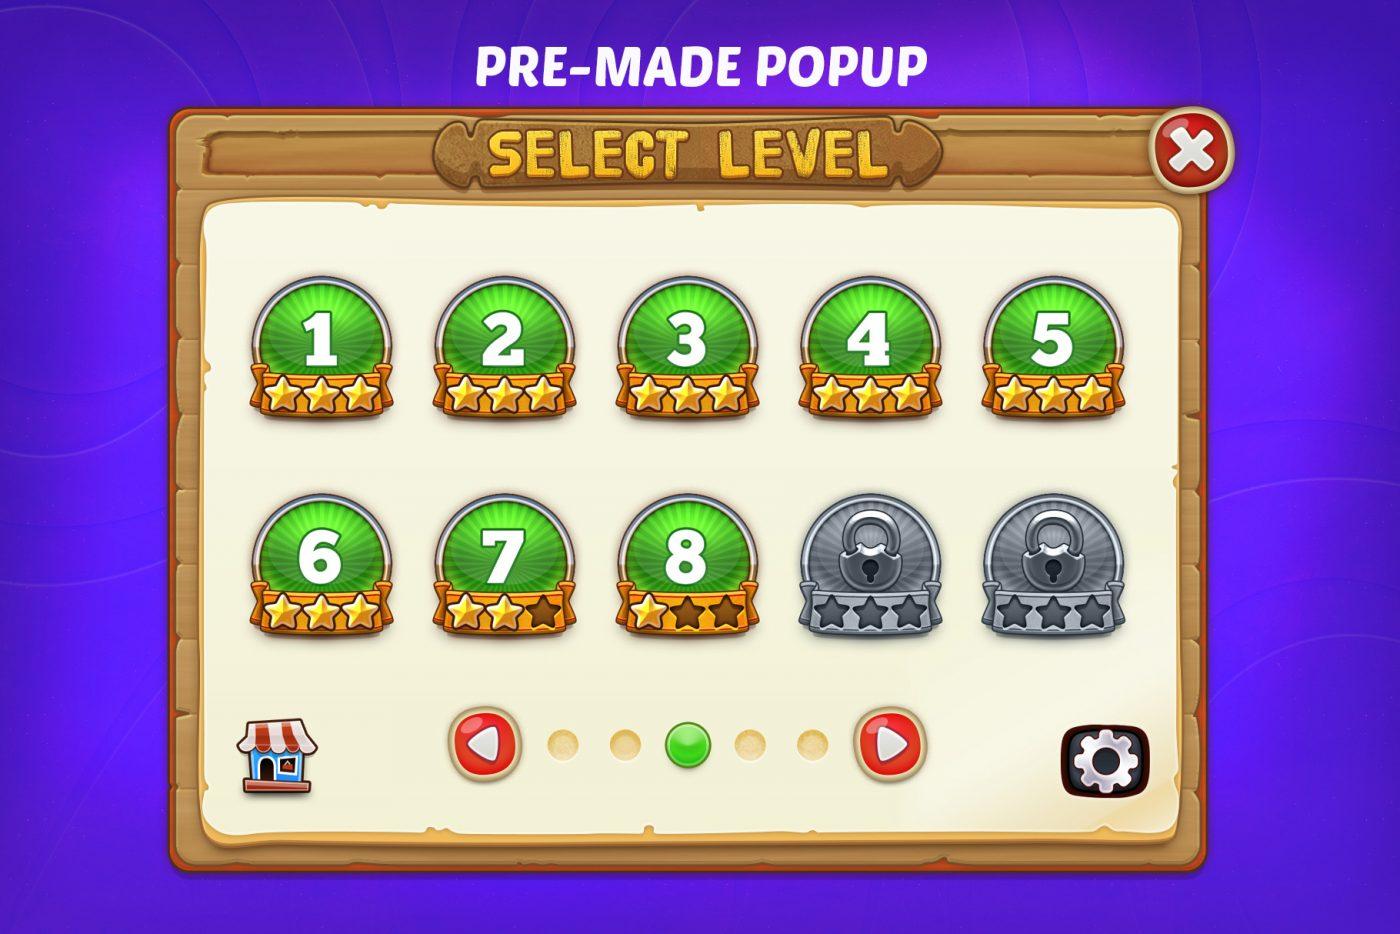 DINGDONG - Game GUI Pack - GameDev Market